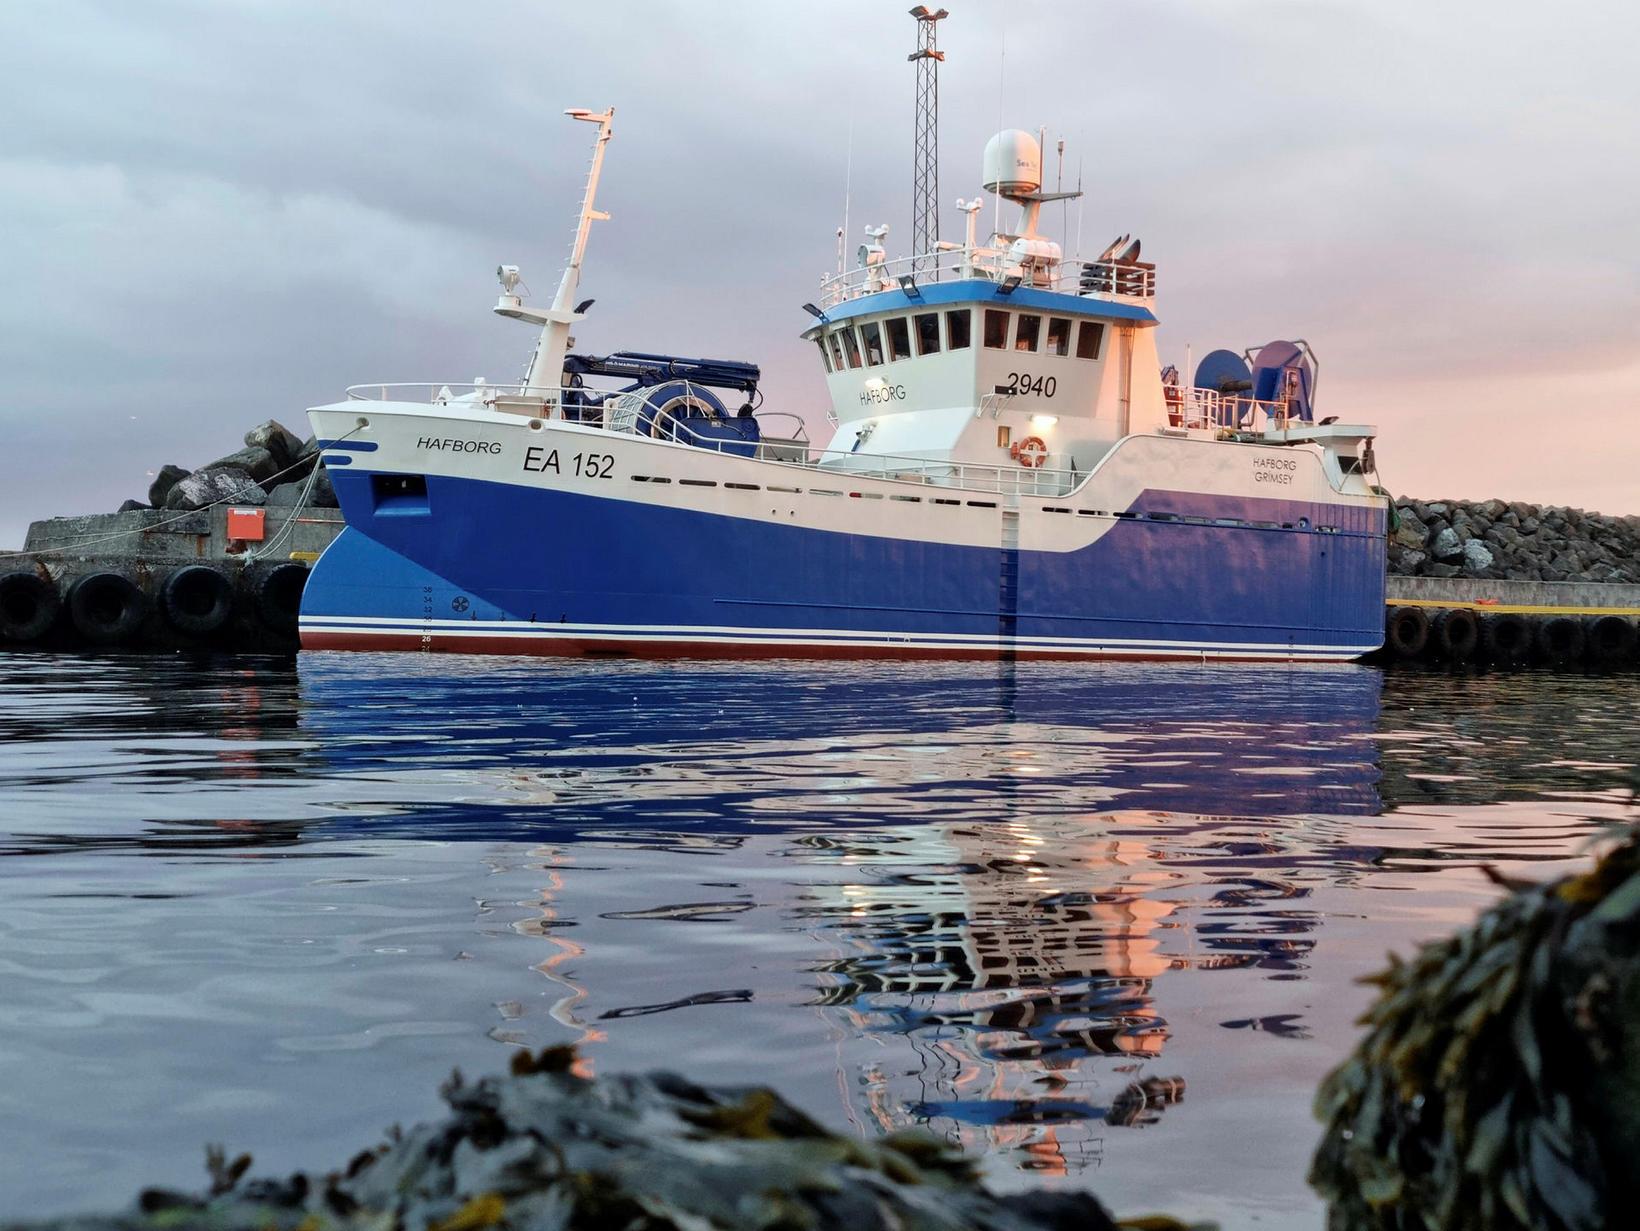 Hafborg EA-152 er stálskip smíðað árið 2016 í Póllandi og …